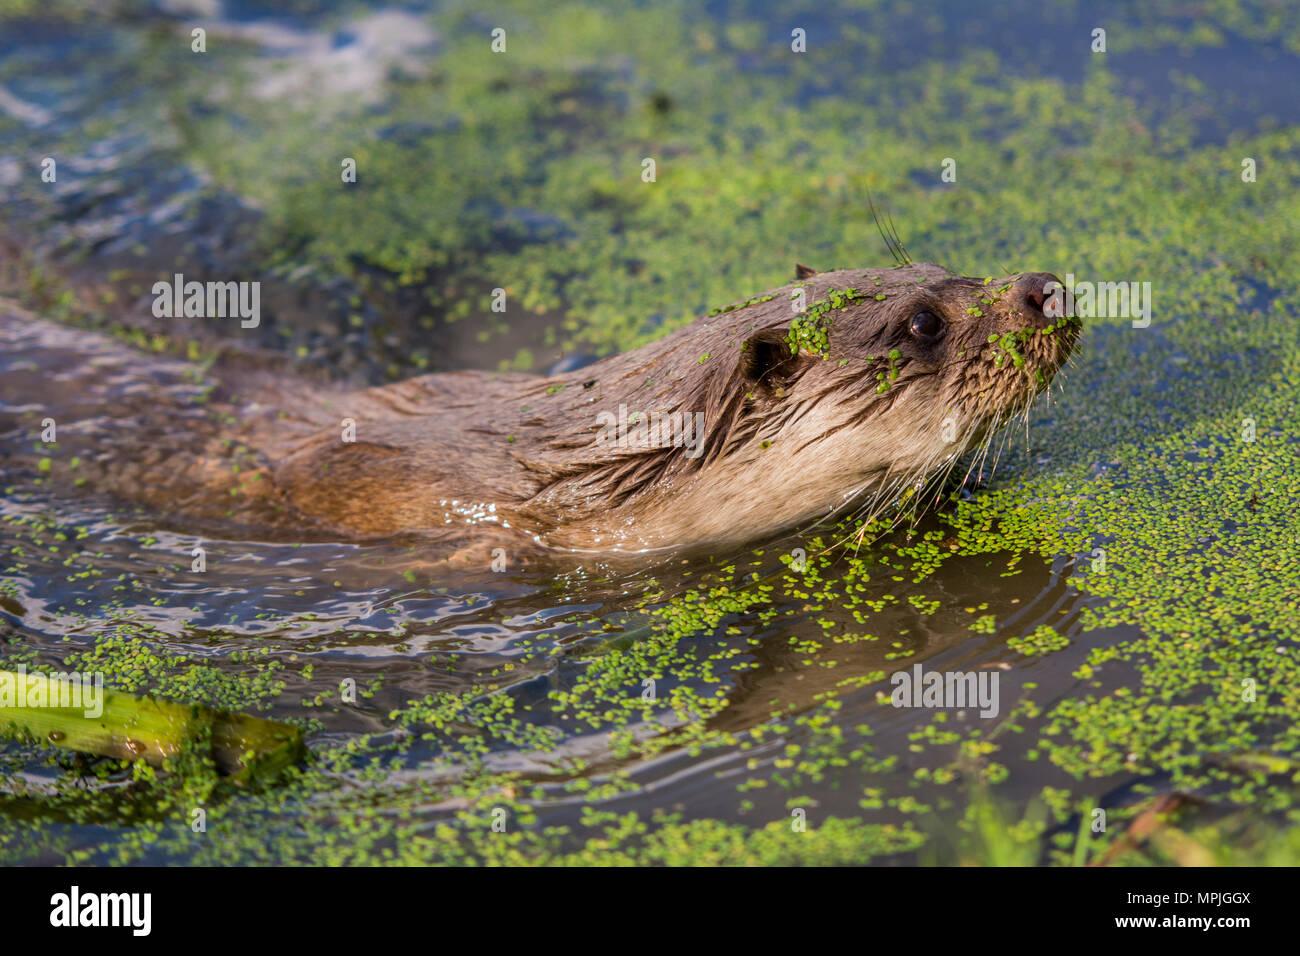 Otter swimming gegenüber der Bank durch Algen Stockbild